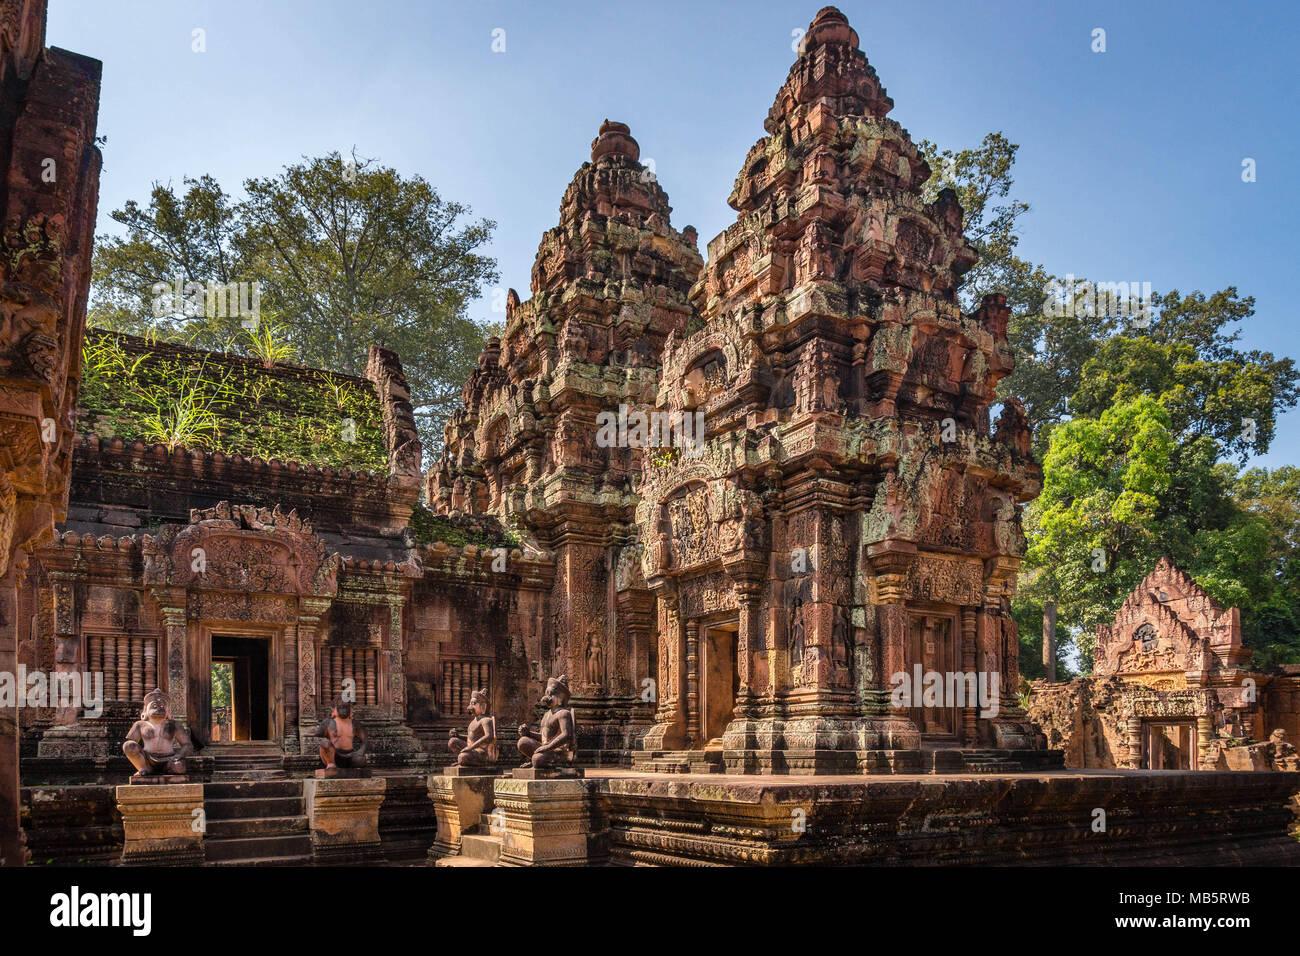 """Banteay Srei, conocida como la """"dama"""", templo data del año 967 EC, y está dedicado al dios hindú Shiva, en Siem Reap (Camboya). Imagen De Stock"""